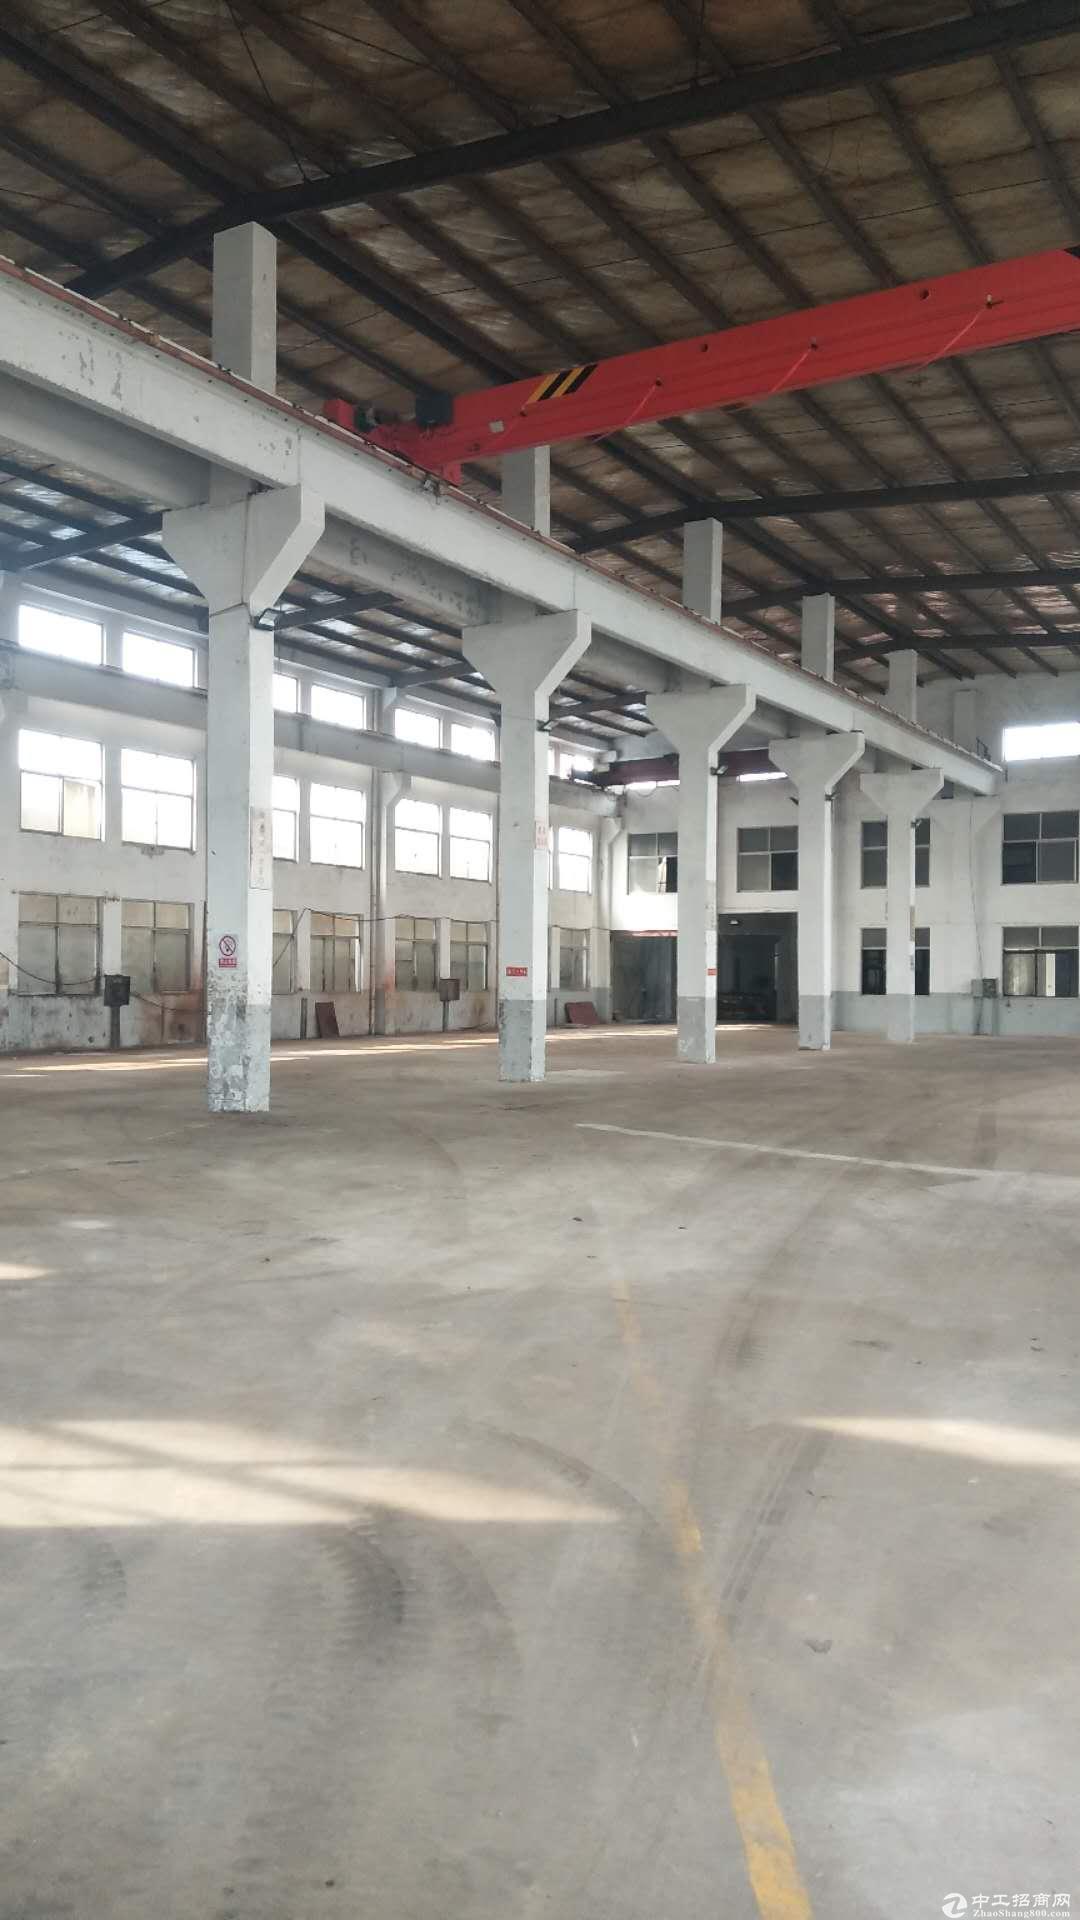 锡东大道长泾段独立标准厂房仓库1600平,有办公室,行车3部,价格实惠,大车可进出车间,交通便利